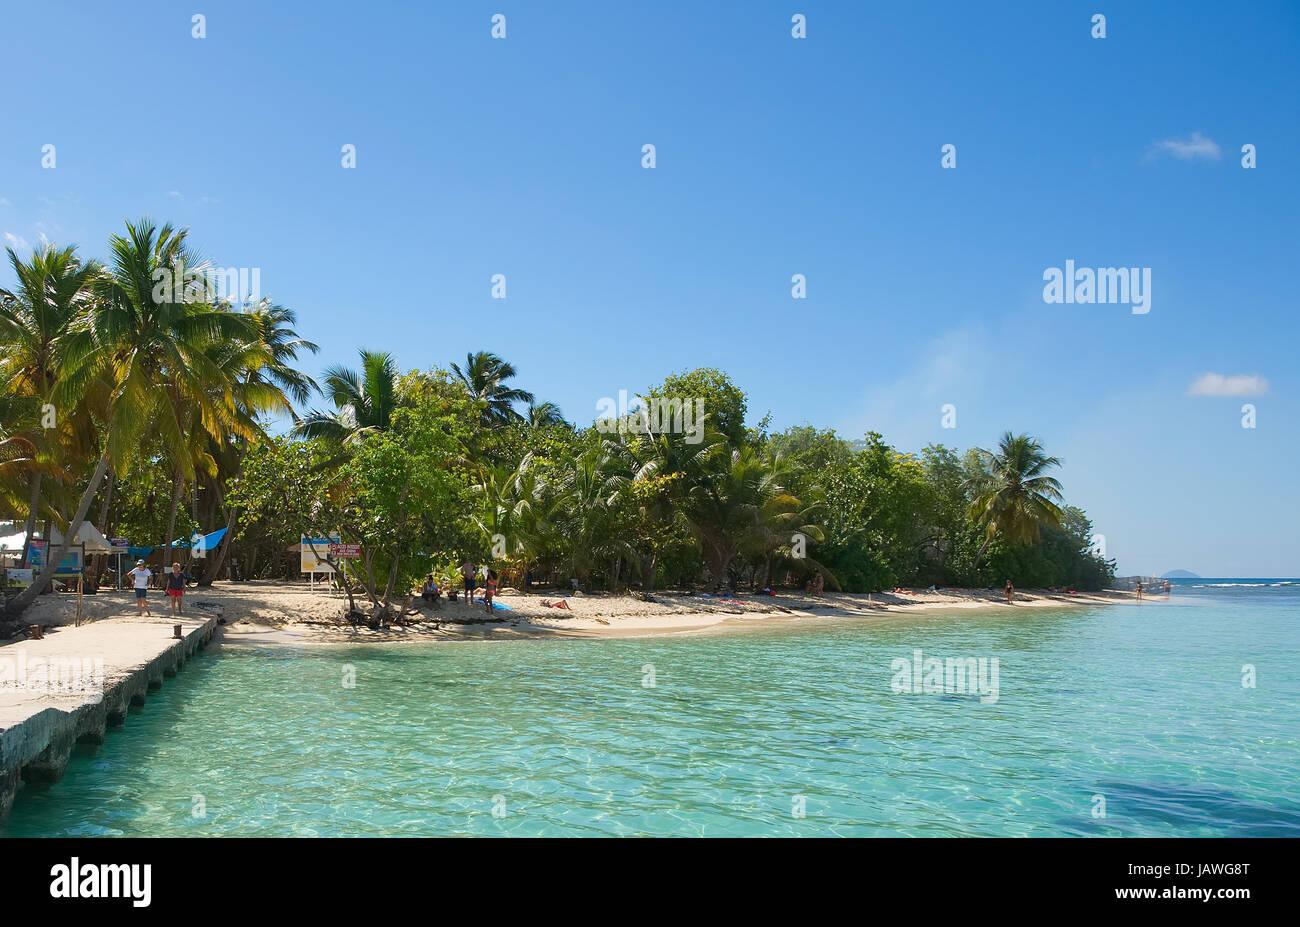 Ilet du gosier - Gosier - Le Gosier - Guadeloupe île des Caraïbes Photo Stock